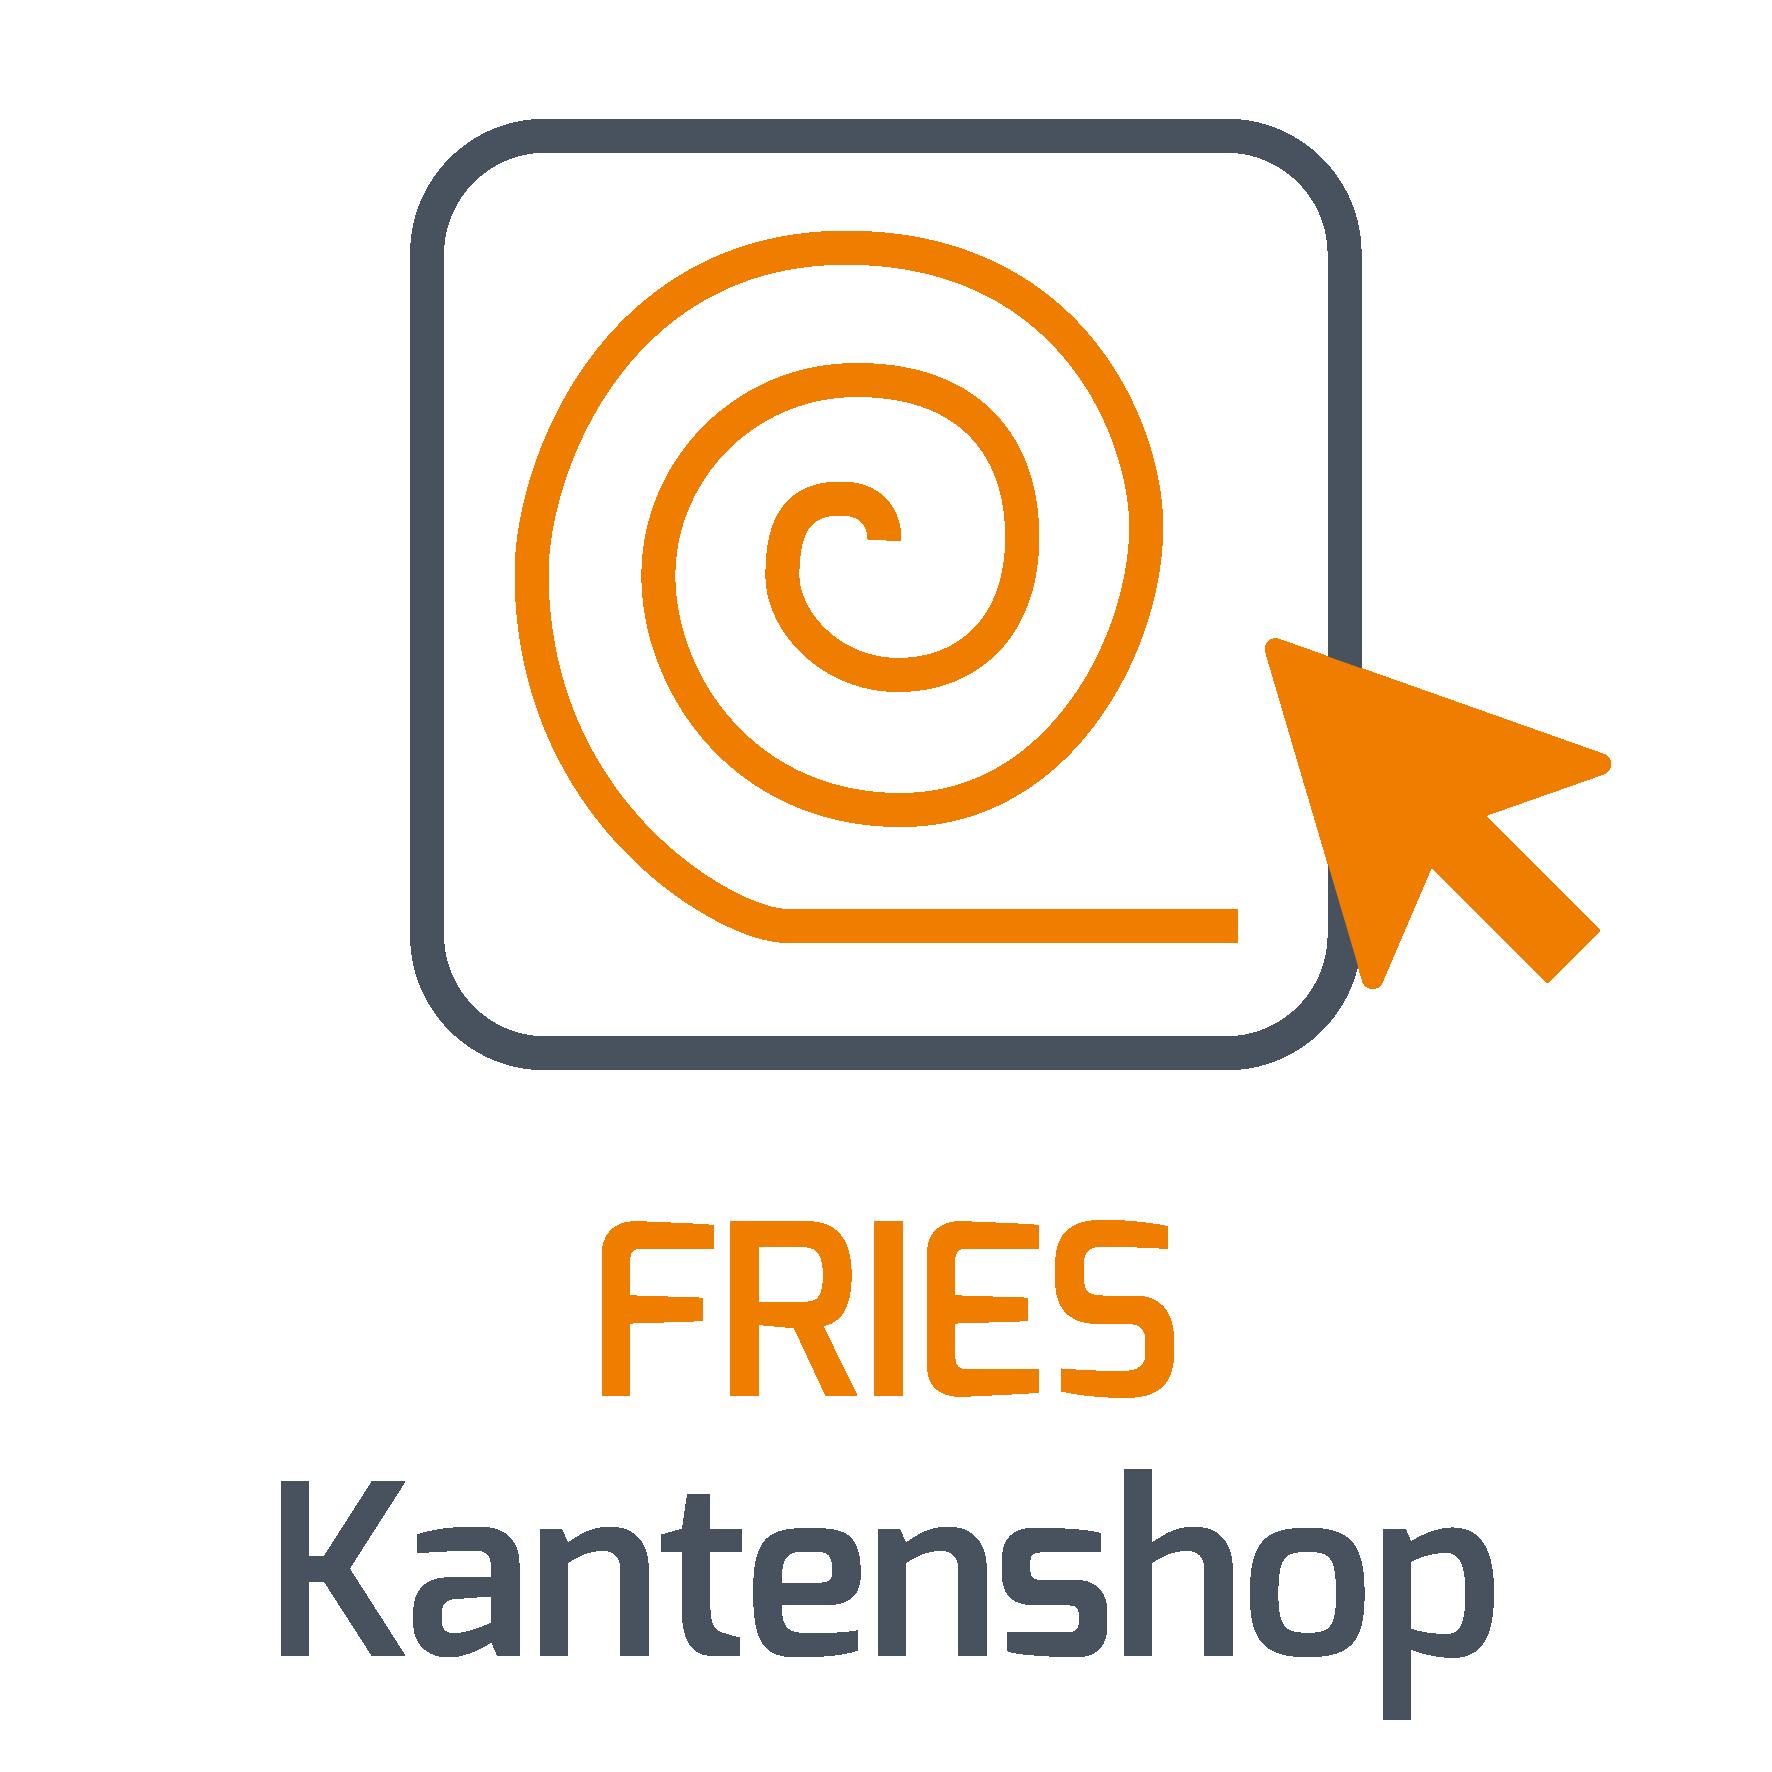 FRIES Kantenshop